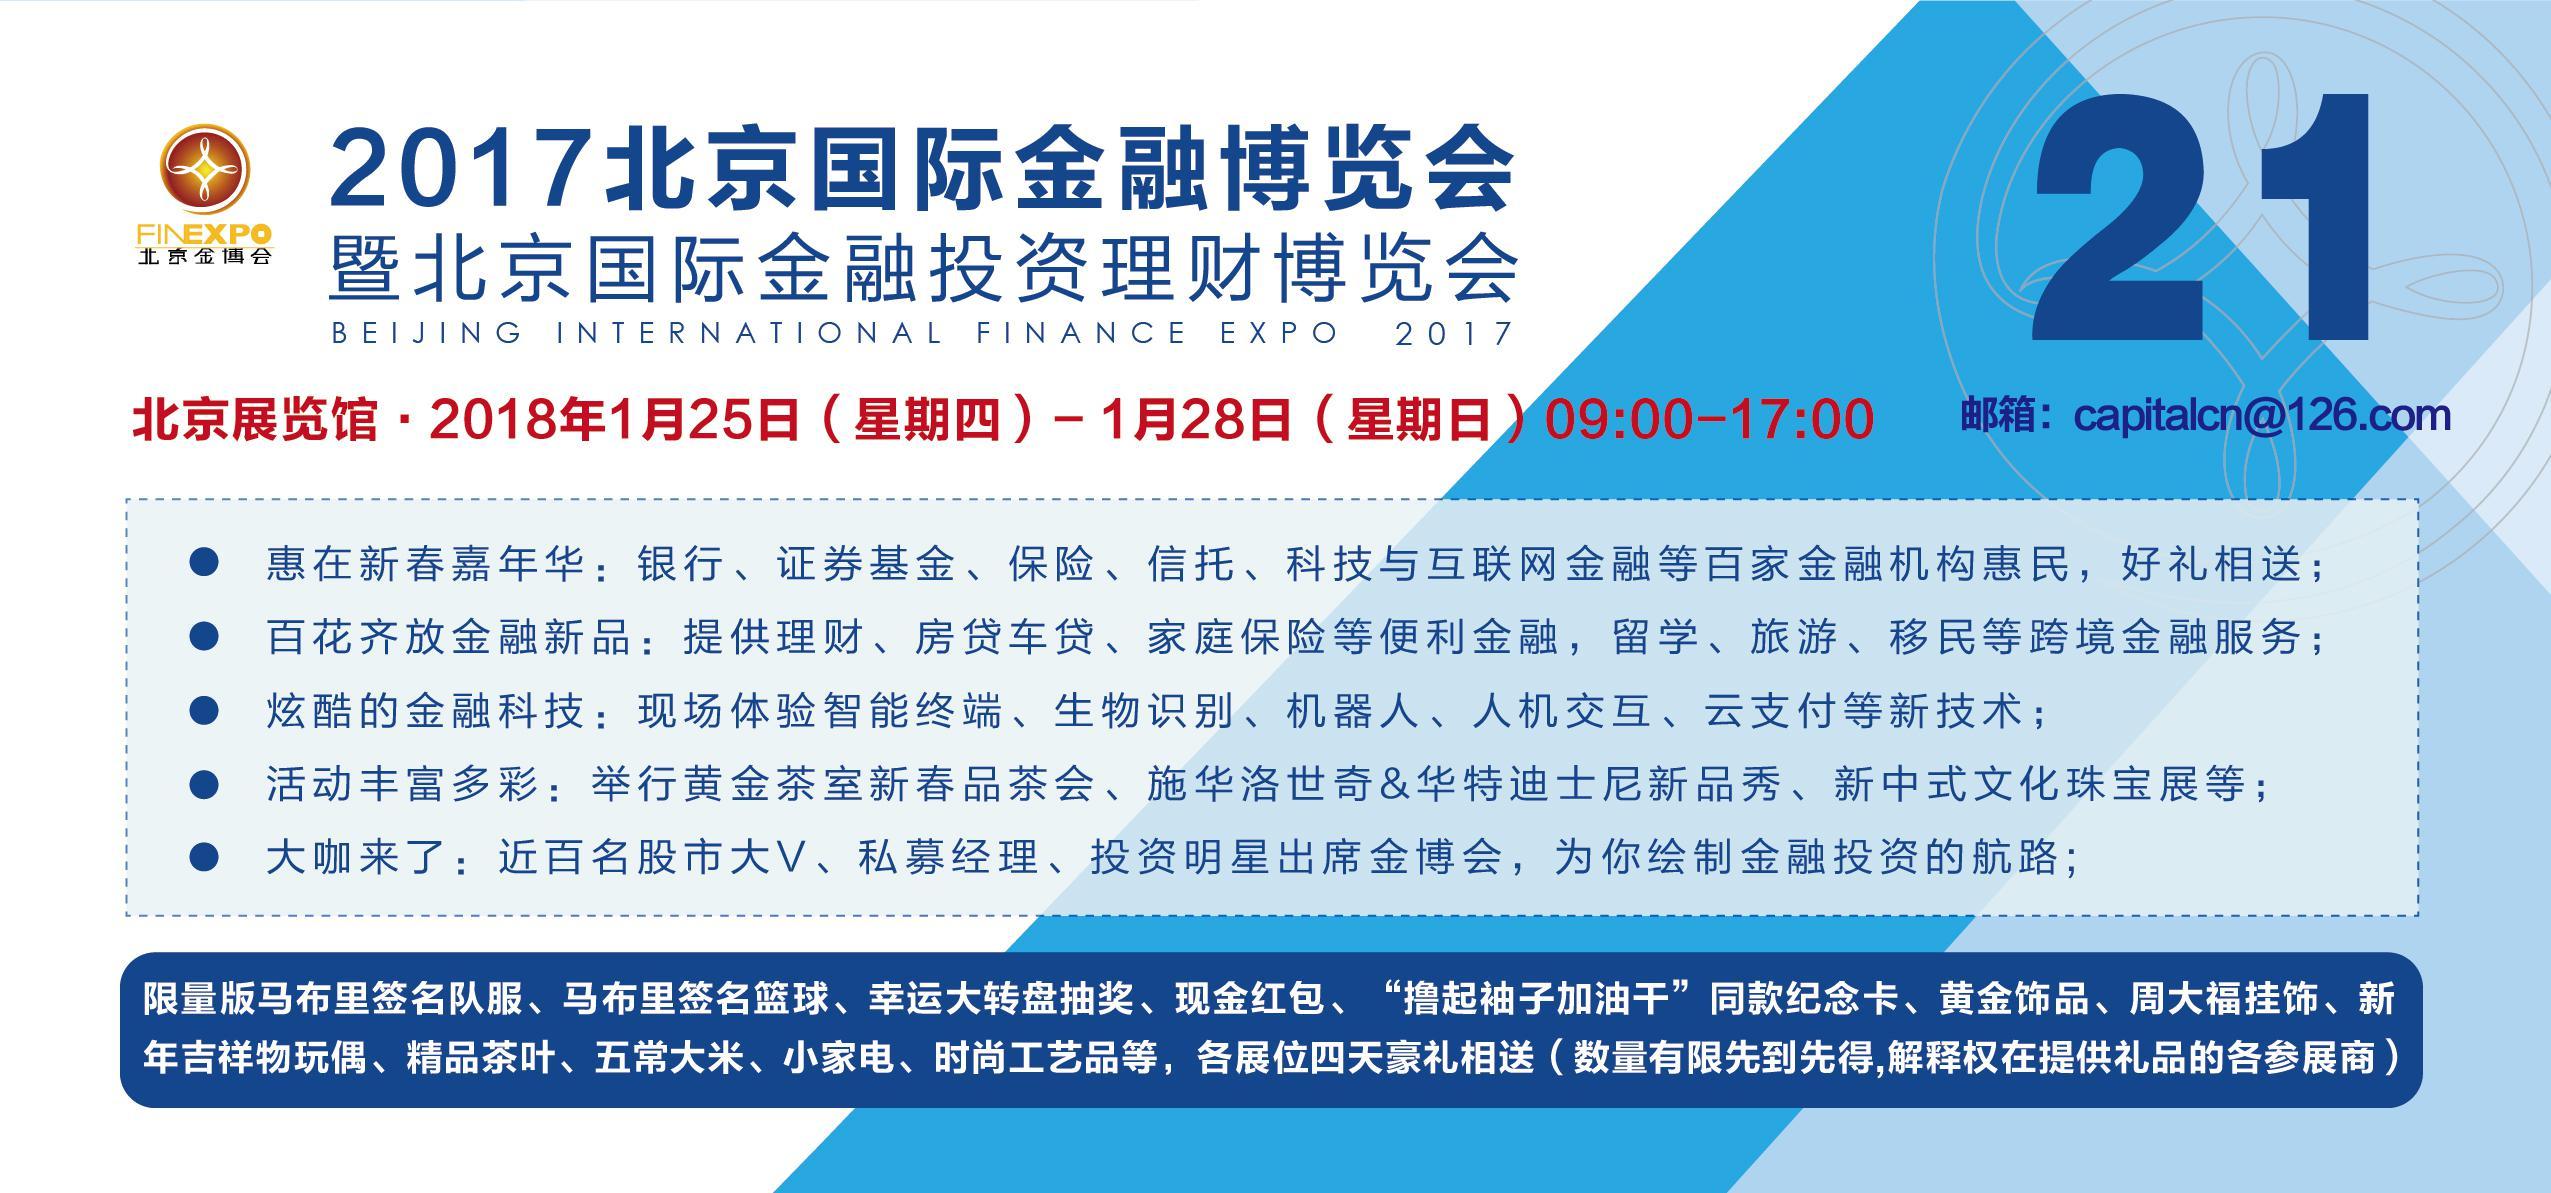 工商银行将在金博会展示金融服务新成效